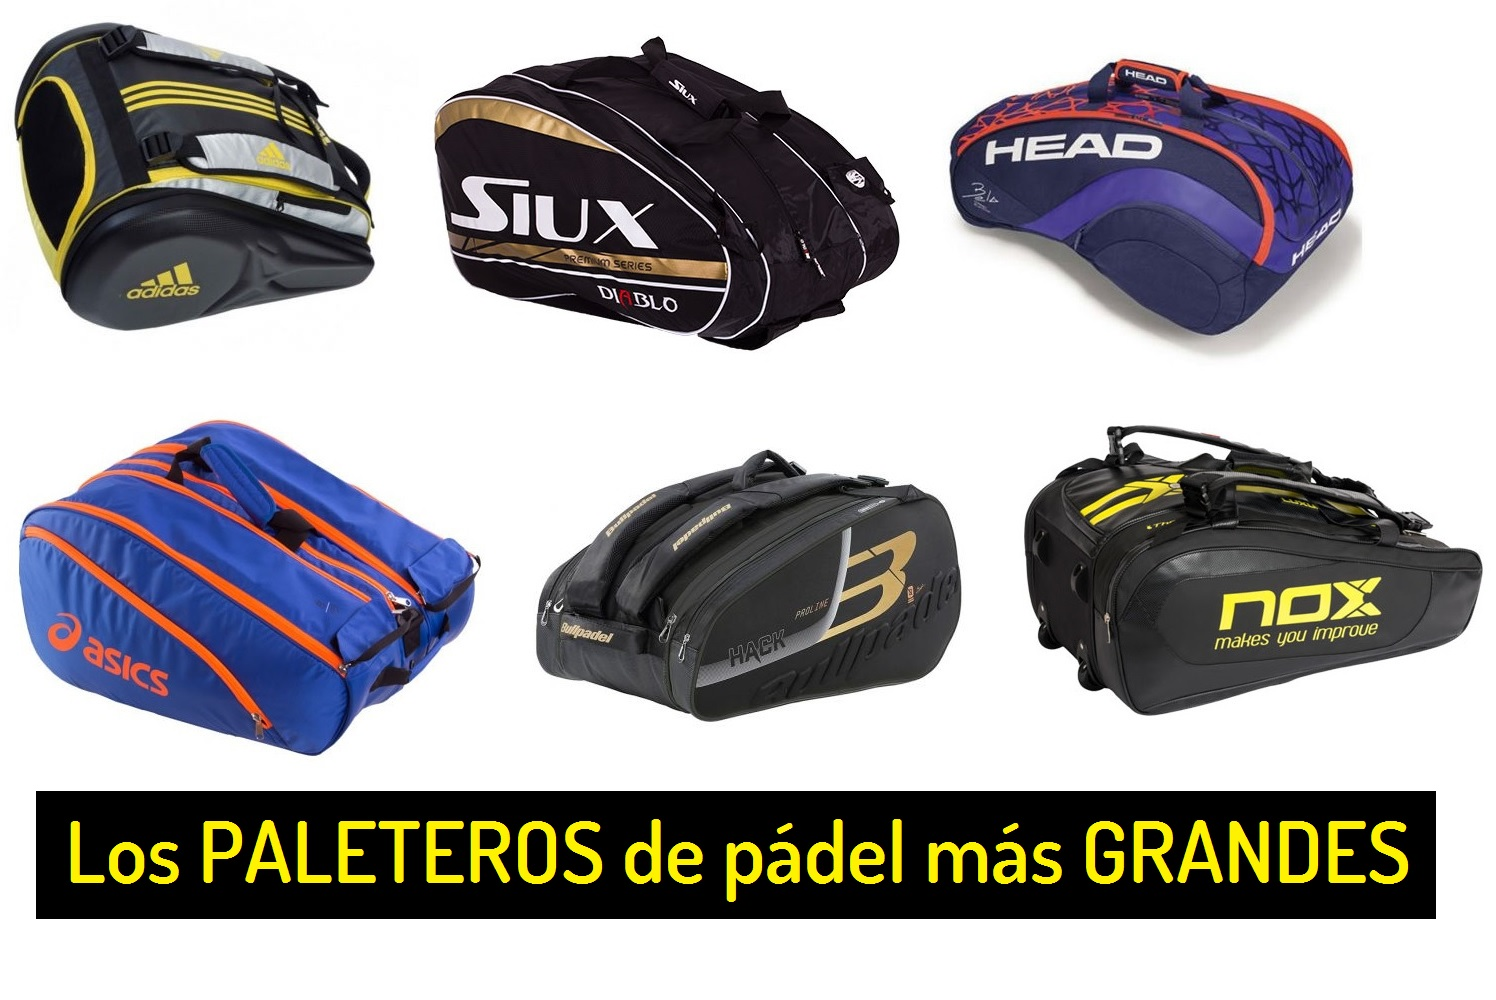 8738f96bbeb Los PALETEROS de Pádel con Gran Capacidad más buscados | PadelStar